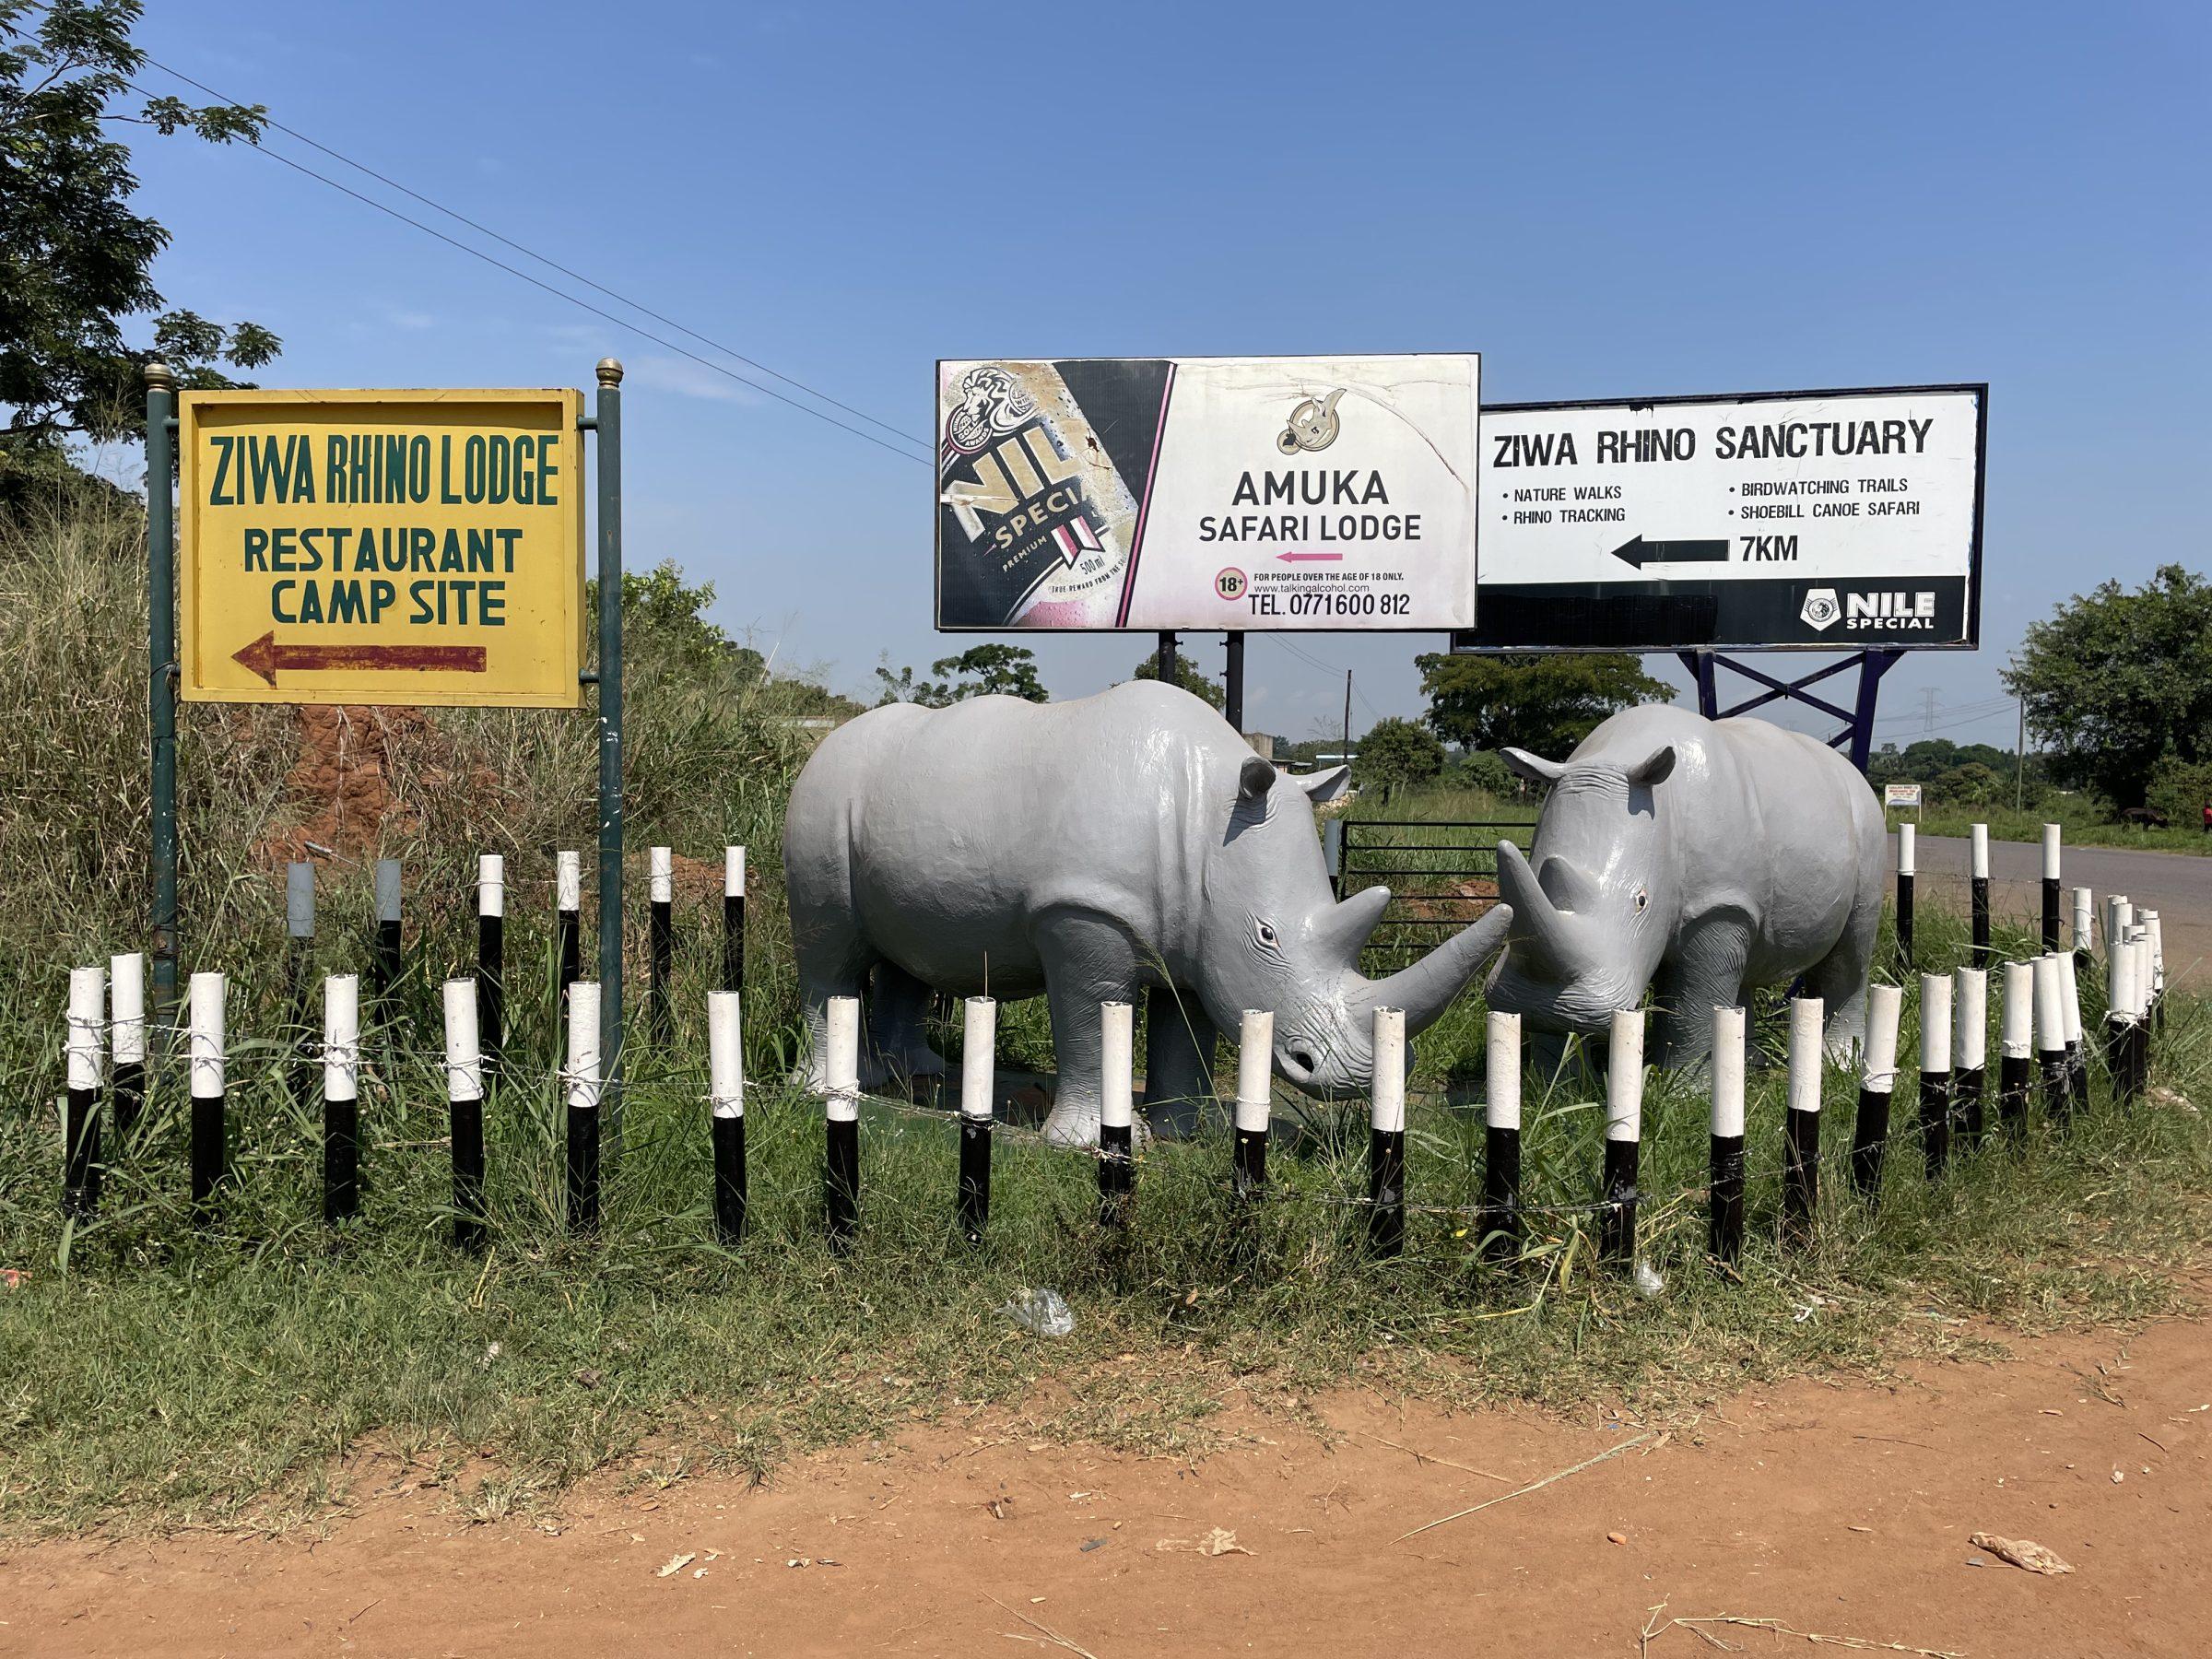 De toegang tot Ziwa Rhino Sanctuary